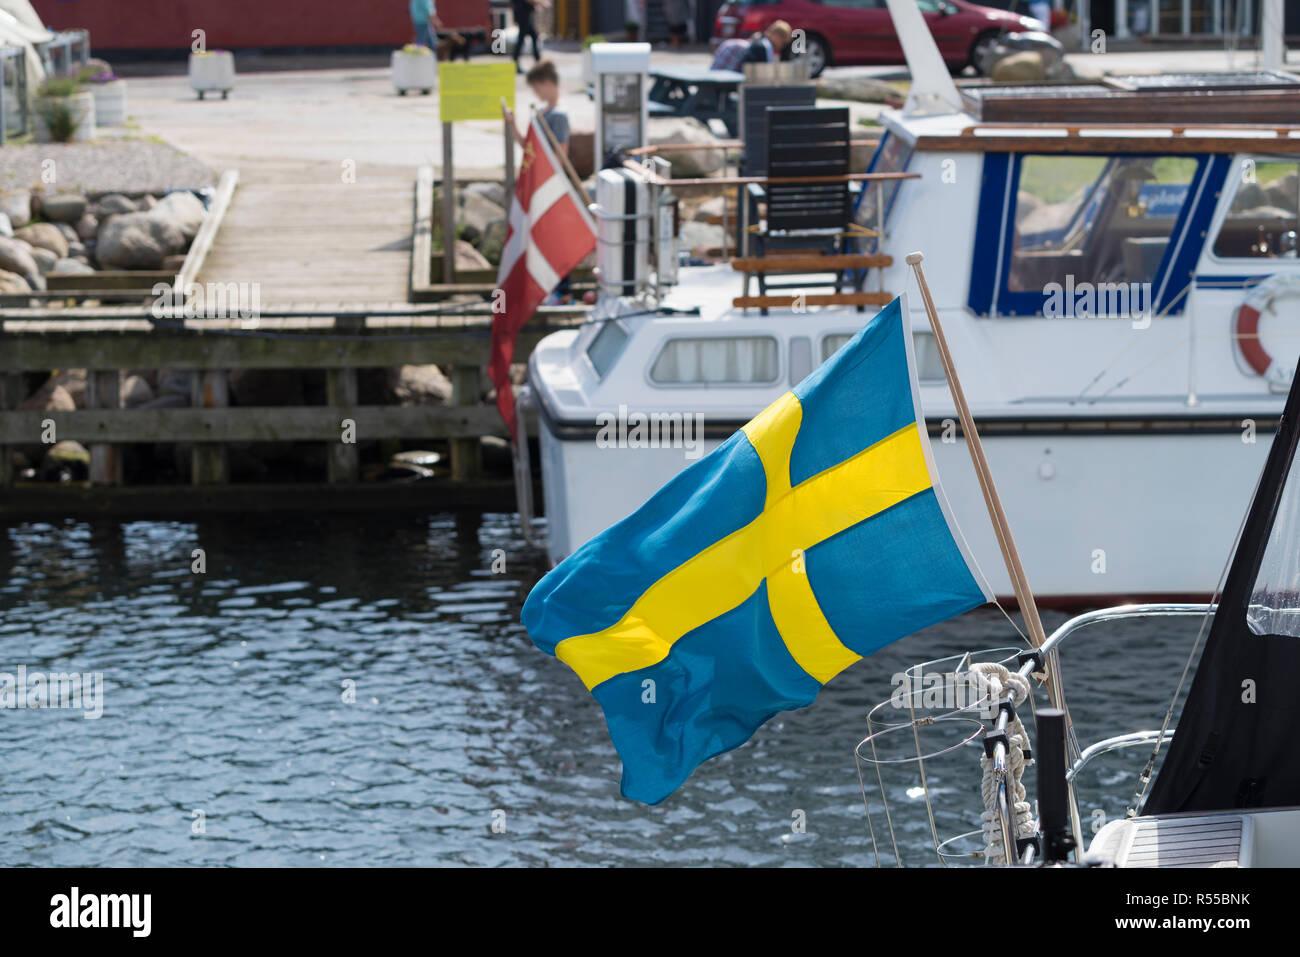 swedish flag on boat - Stock Image